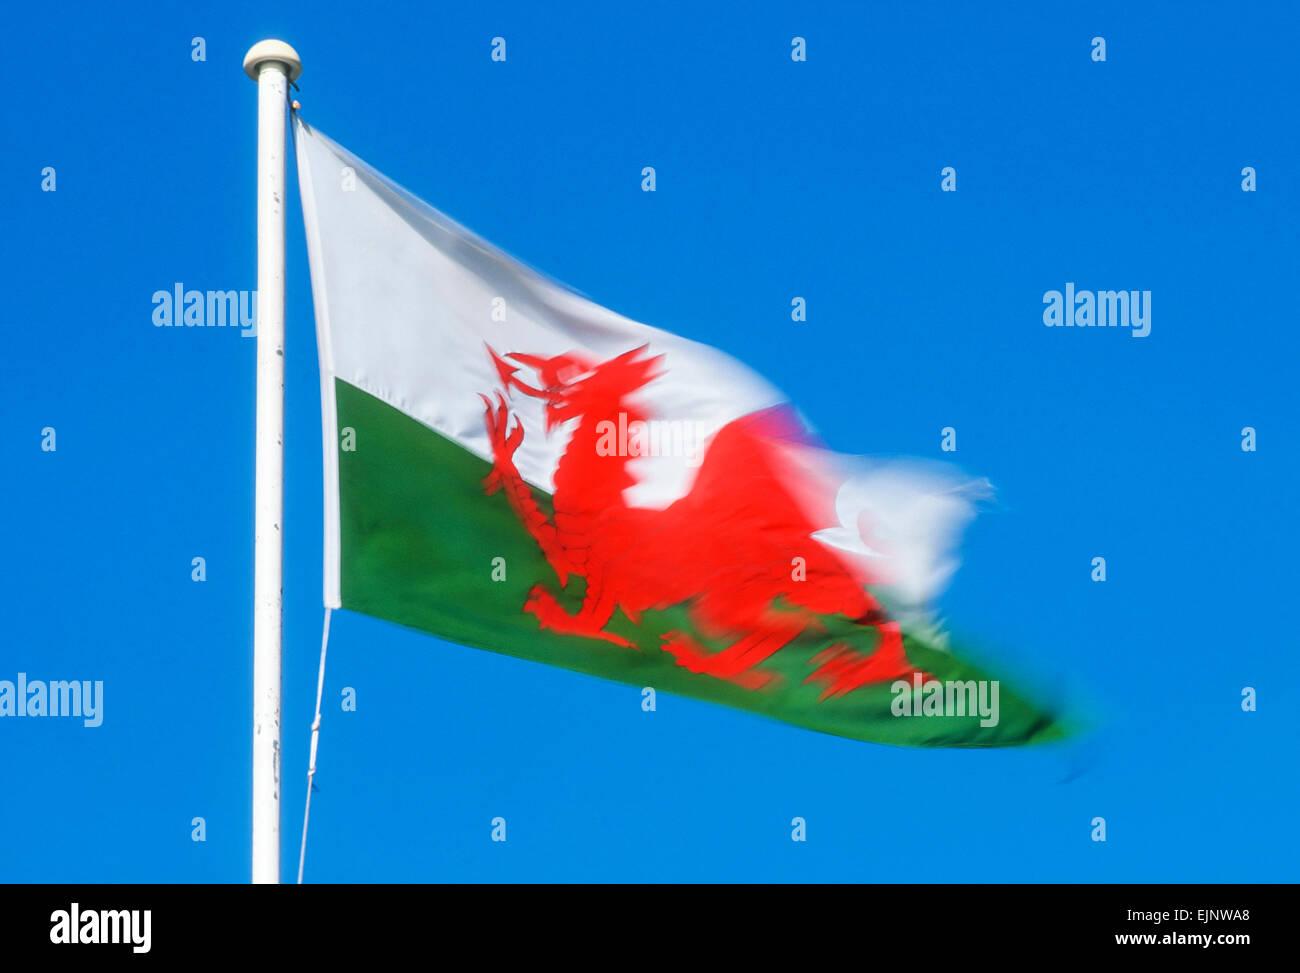 Walisische Flagge im Wind am blauen Himmelshintergrund, Cardiff, Wales, UK, GB, EU, Europa Stockbild